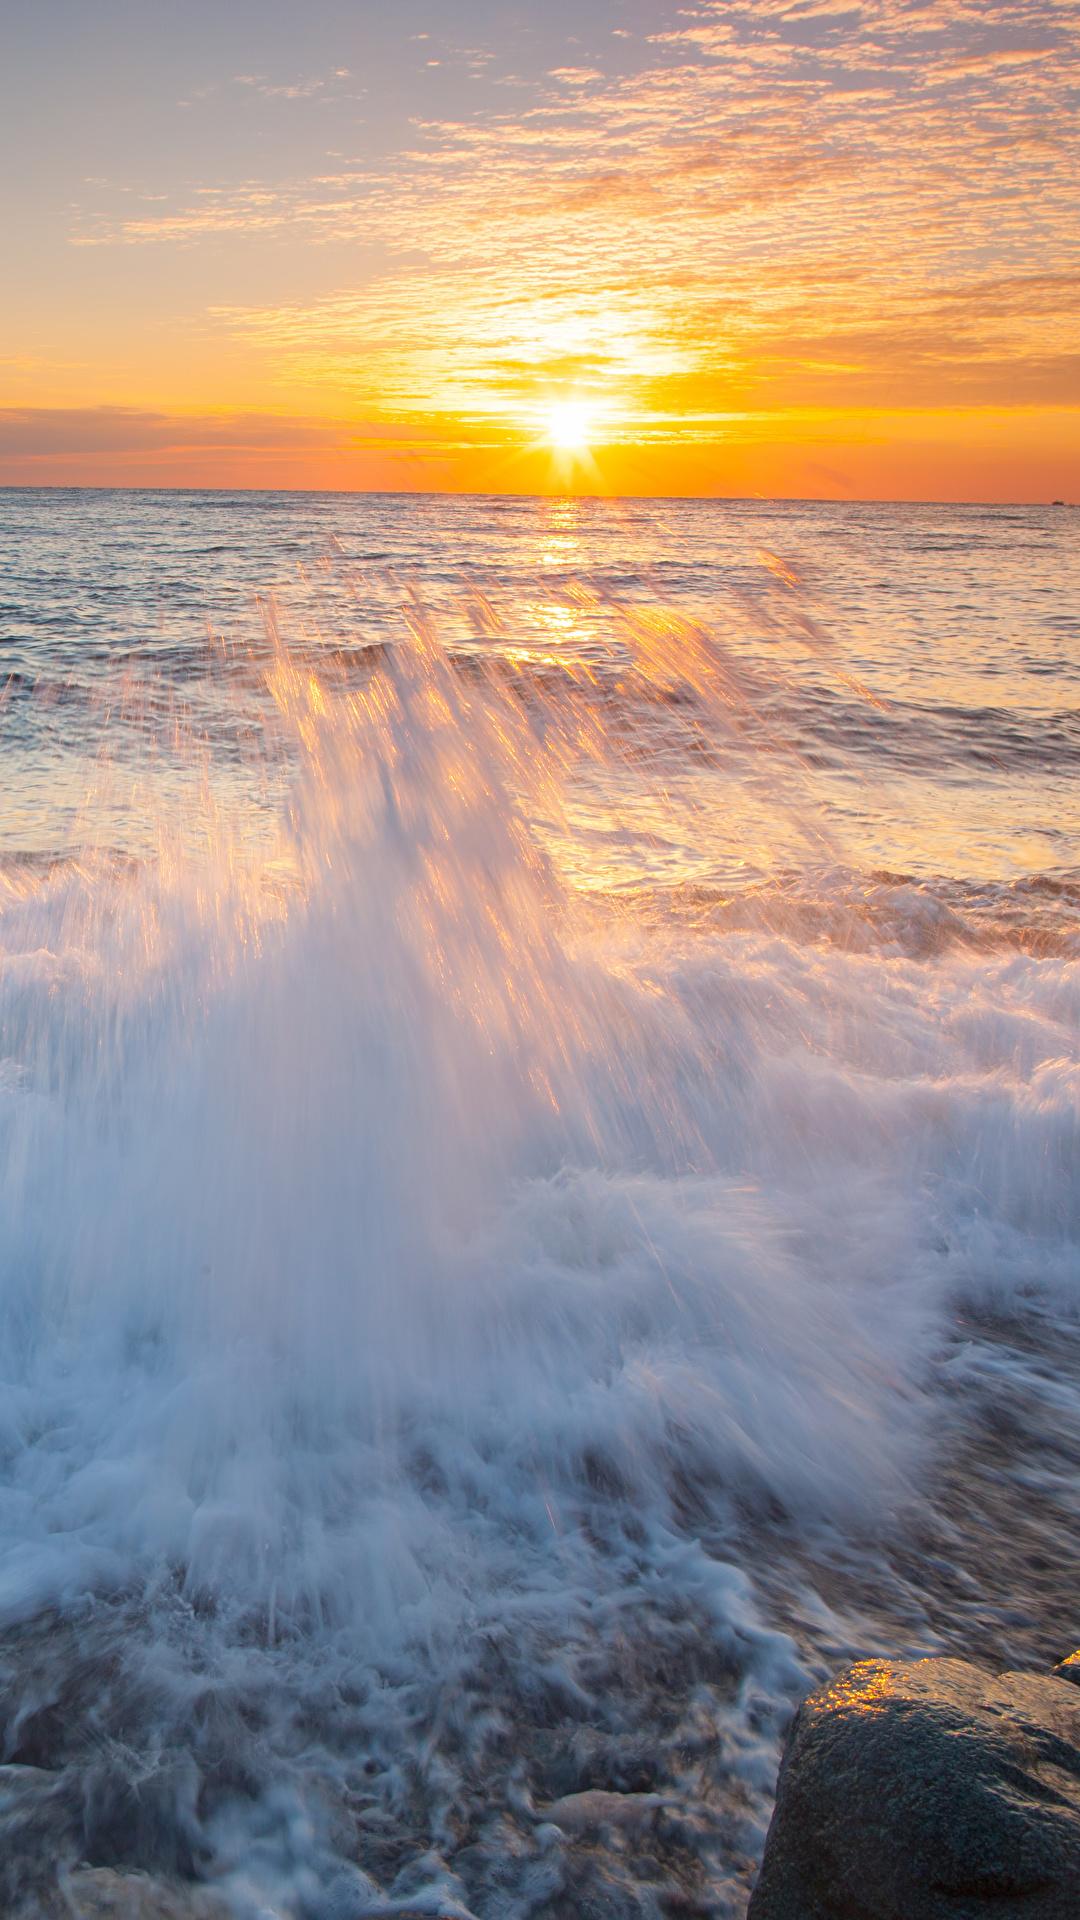 Bilder Meer Natur Sonne Himmel Wasserwelle Sonnenaufgänge und Sonnenuntergänge 1080x1920